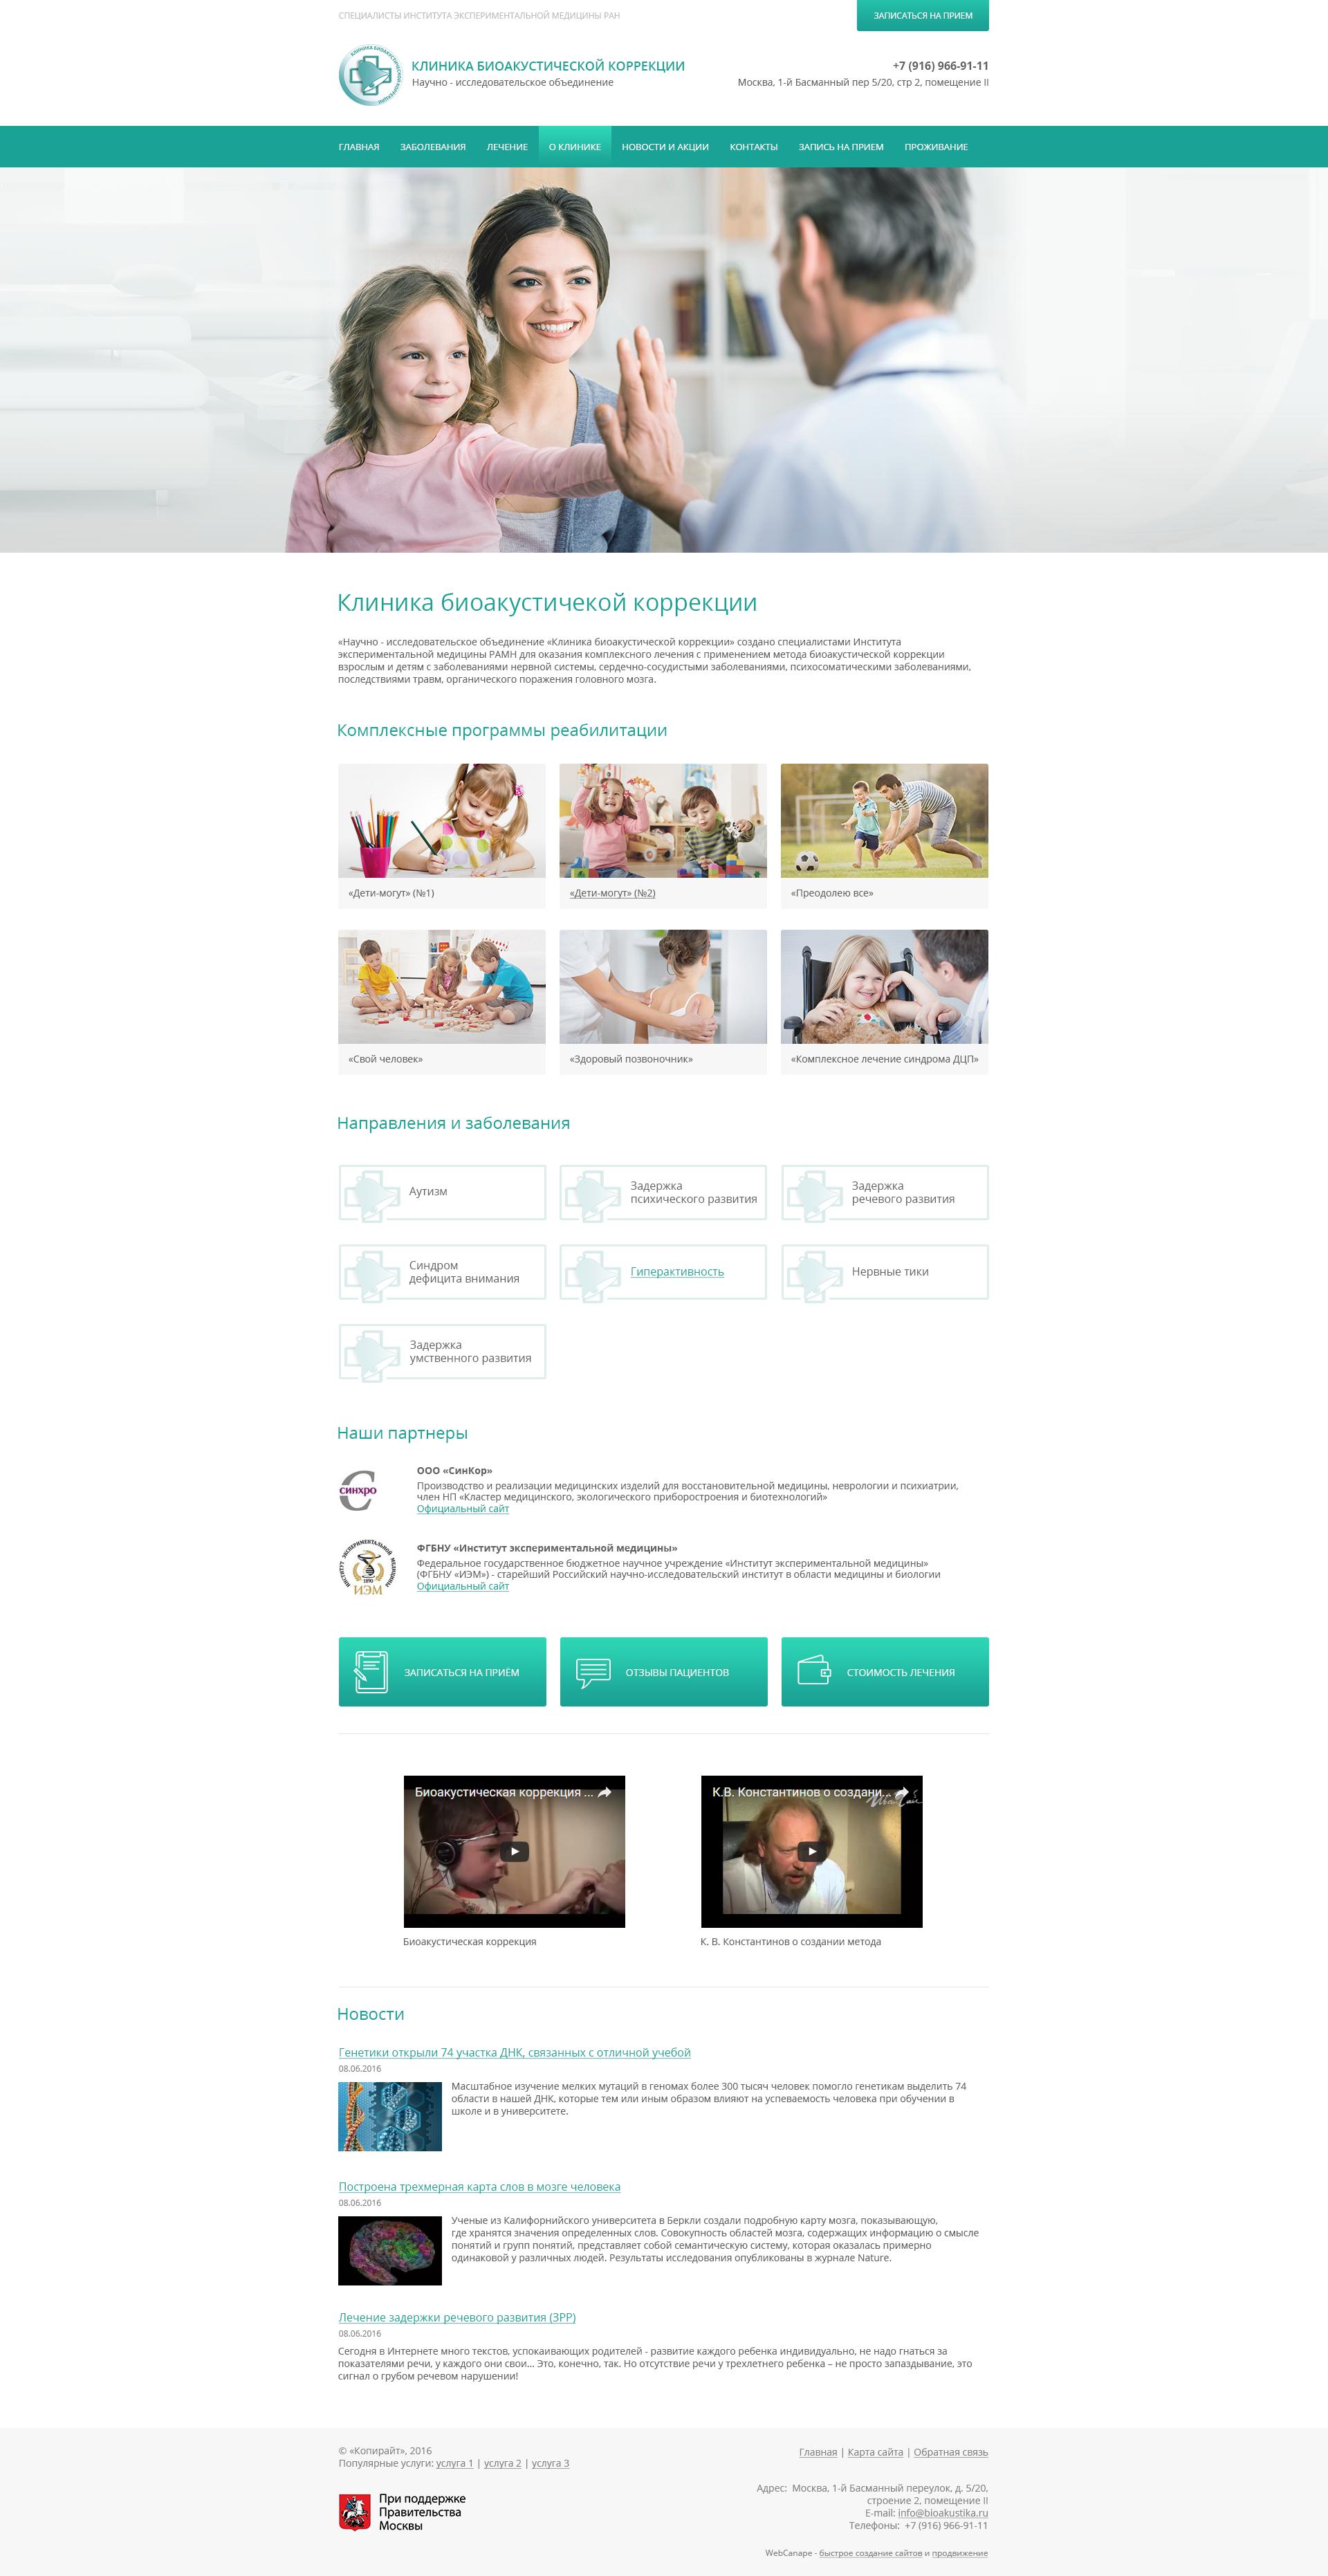 Разработка сайта для медицинской клиники